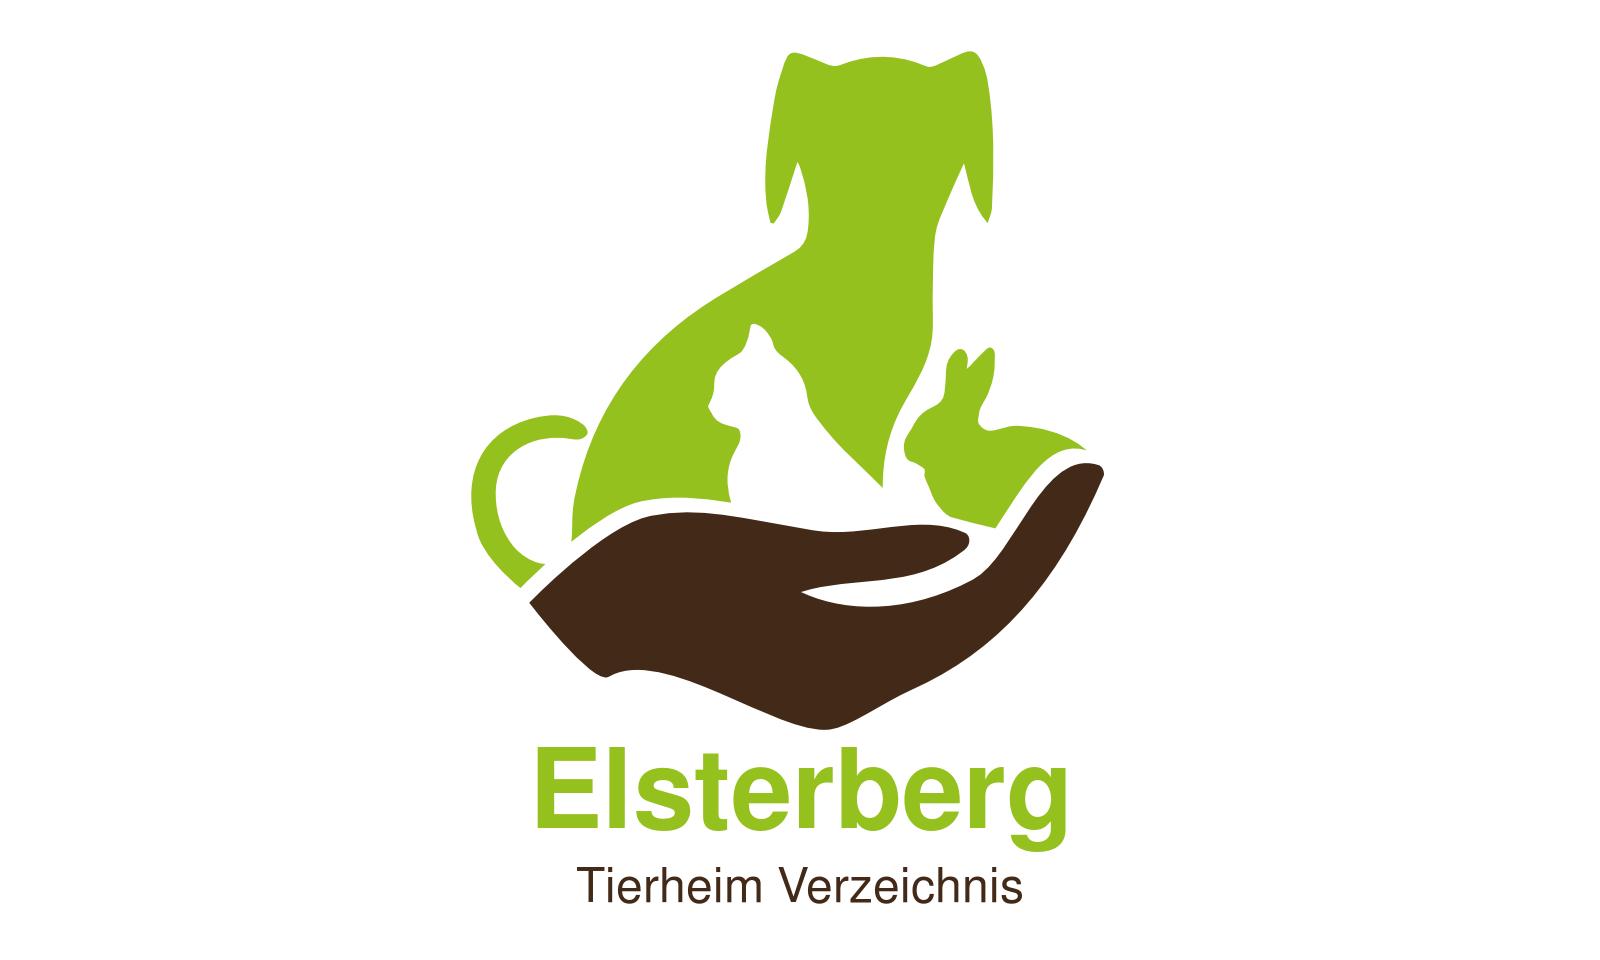 Tierheim Elsterberg